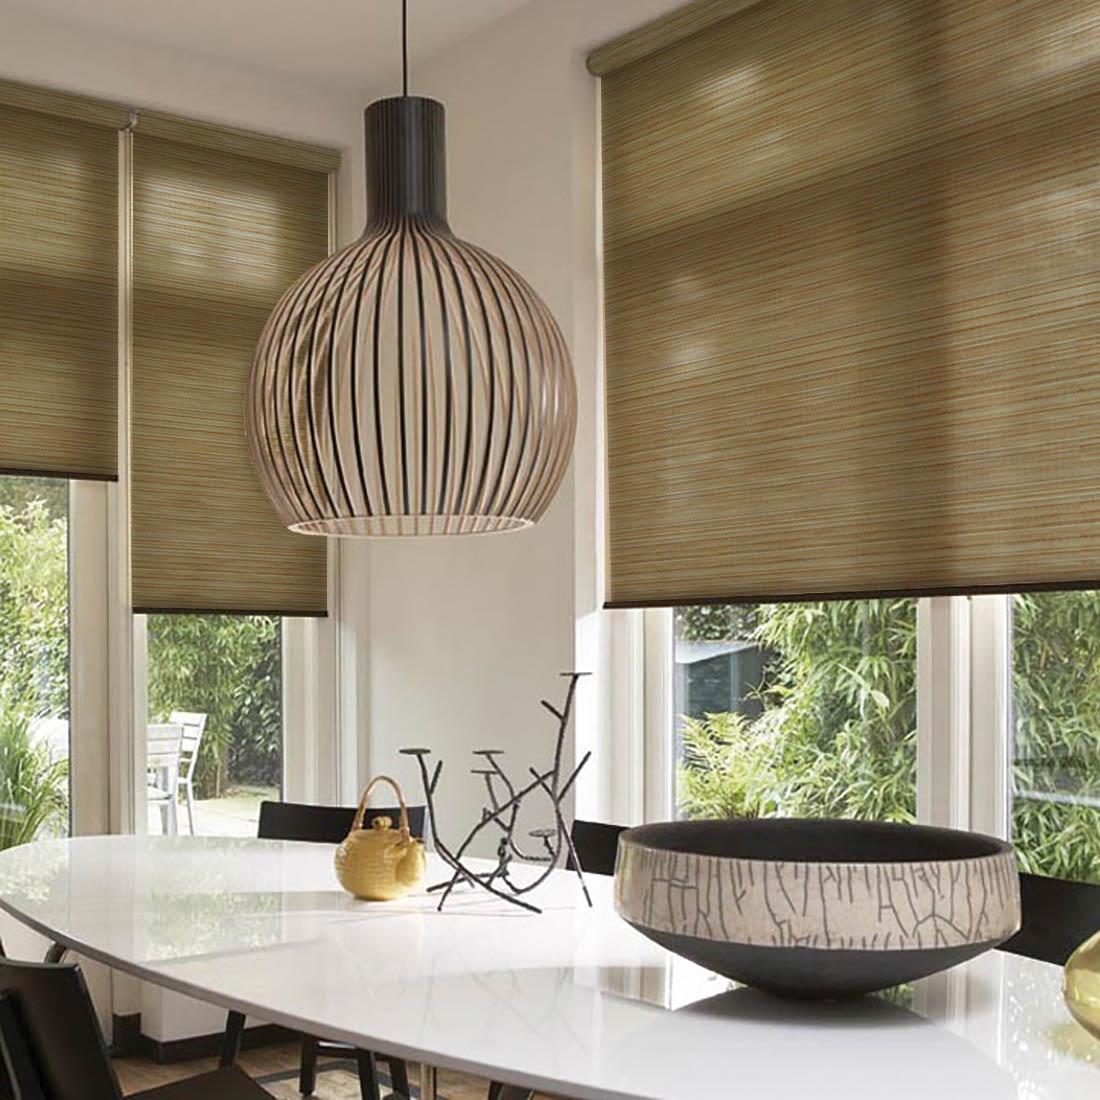 Шторы из бамбука – оригинальный современный аксессуар для создания необычного интерьера в восточном или минималистичном стиле. Особенность устройства полотна позволяет свободно пропускать дневной свет, что обеспечивает мягкое освещение комнаты. Это натуральный влагостойкий материал, который легко вписывается в любой интерьер, хорошо сочетается с различной мебелью и элементами отделки. Использование бамбукового полотна придает помещению необычный вид и визуально расширяет пространство. Кронштейны - специальные крючки-держатели, которые крепятся на поверхность, а на них крепится штора. Такой вид крепления обычно используется для рулонных, французских, римских или австрийских штор. Кронштейны держат конструкцию из вала (карниза), на котором находится полотно, и механизма подъема/опускания шторы.ВНИМАНИЕ! Комплектация штор может отличаться от представленной на фотографии. Фактическая комплектация указана в описании изделия.Производитель: Dome. Cтрана бренда: Дания.Рулонные шторы. Материал портьеры: Бамбук. Состав портьеры: бамбуковое волокно с нитью из полиэстера. Размер портьеры: 52 х172 см. (1 шт.). Вид крепления: Кронштейны. Тип карниза: Без использования карниза. Рекомендуемая ширина карниза (см.): 50 -100. Светозащита 55-85%.В комплект входят: - Крепления на отрытую створку окна.- Кронштейны для вала со шторкой. - Вал с тканью (шторка). - Цепочка для регулирования шторы.- Утяжелитель для шторки. Крепление на глухую створку, направляющие, фиксатор для цепочного механизма - приобретаются отдельно. Максимальный размер карниза, указанный в описании, предполагает, что Вы будете использовать 2 полотна на одно окно. Обратите внимание на информацию о том, сколько полотен входит в данный комплект изначально. Зачастую шторы продаются по одному полотну, чтобы дать возможность подобрать изделия в желаемом цвете и стиле, создавая свое неповторимое сочетание.Комплектация: 1 портьера, крепления на отрытую створку окна, кронштейны для вала со шторкой, цепочка для регулирования што